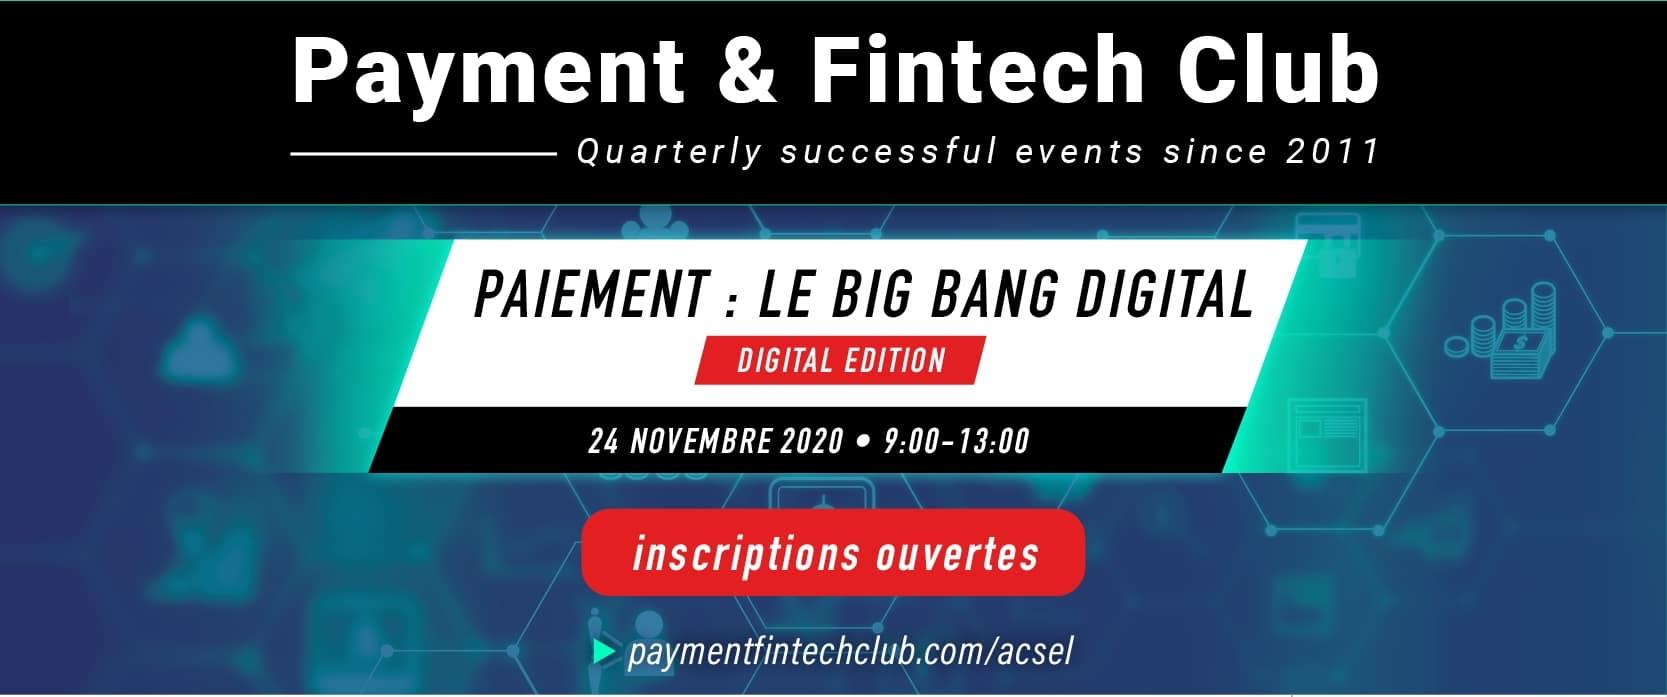 Paiement : le Big Bang digital